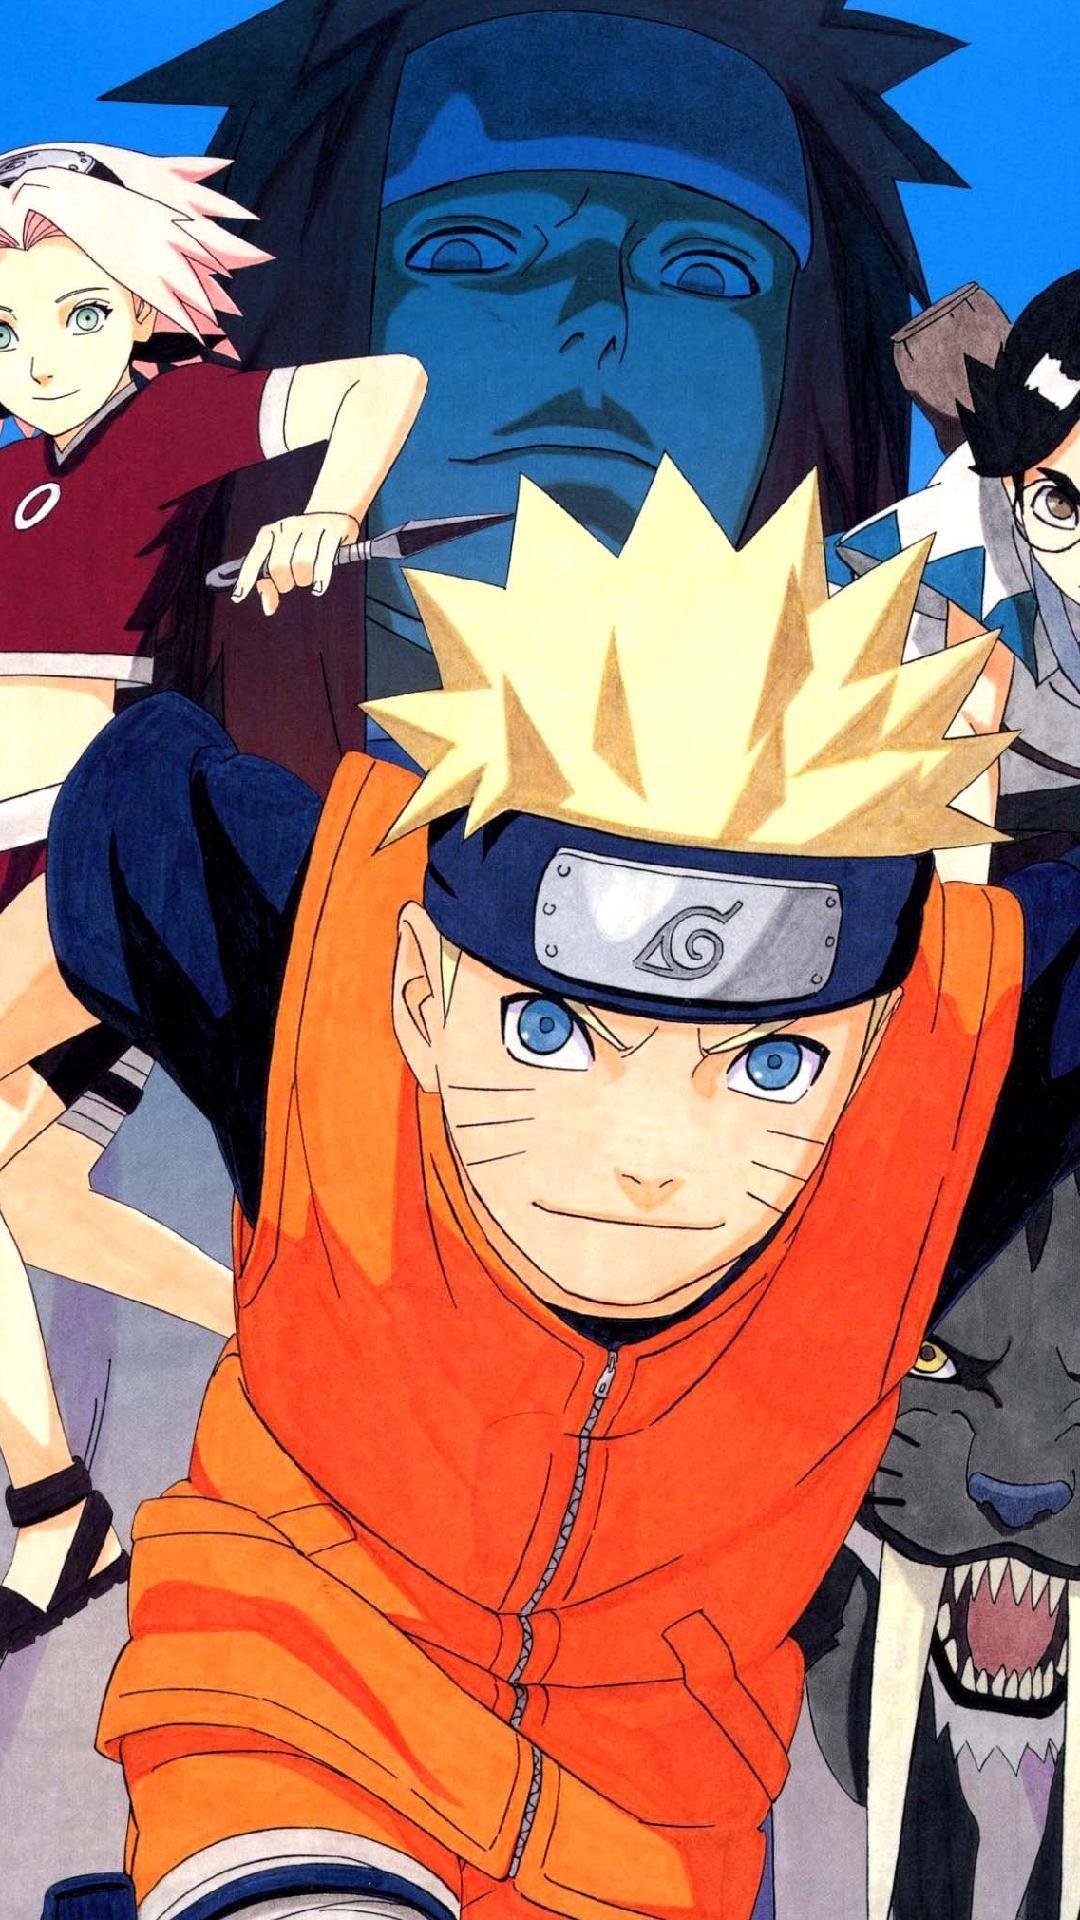 Naruto Anime, Naruto art, Anime naruto